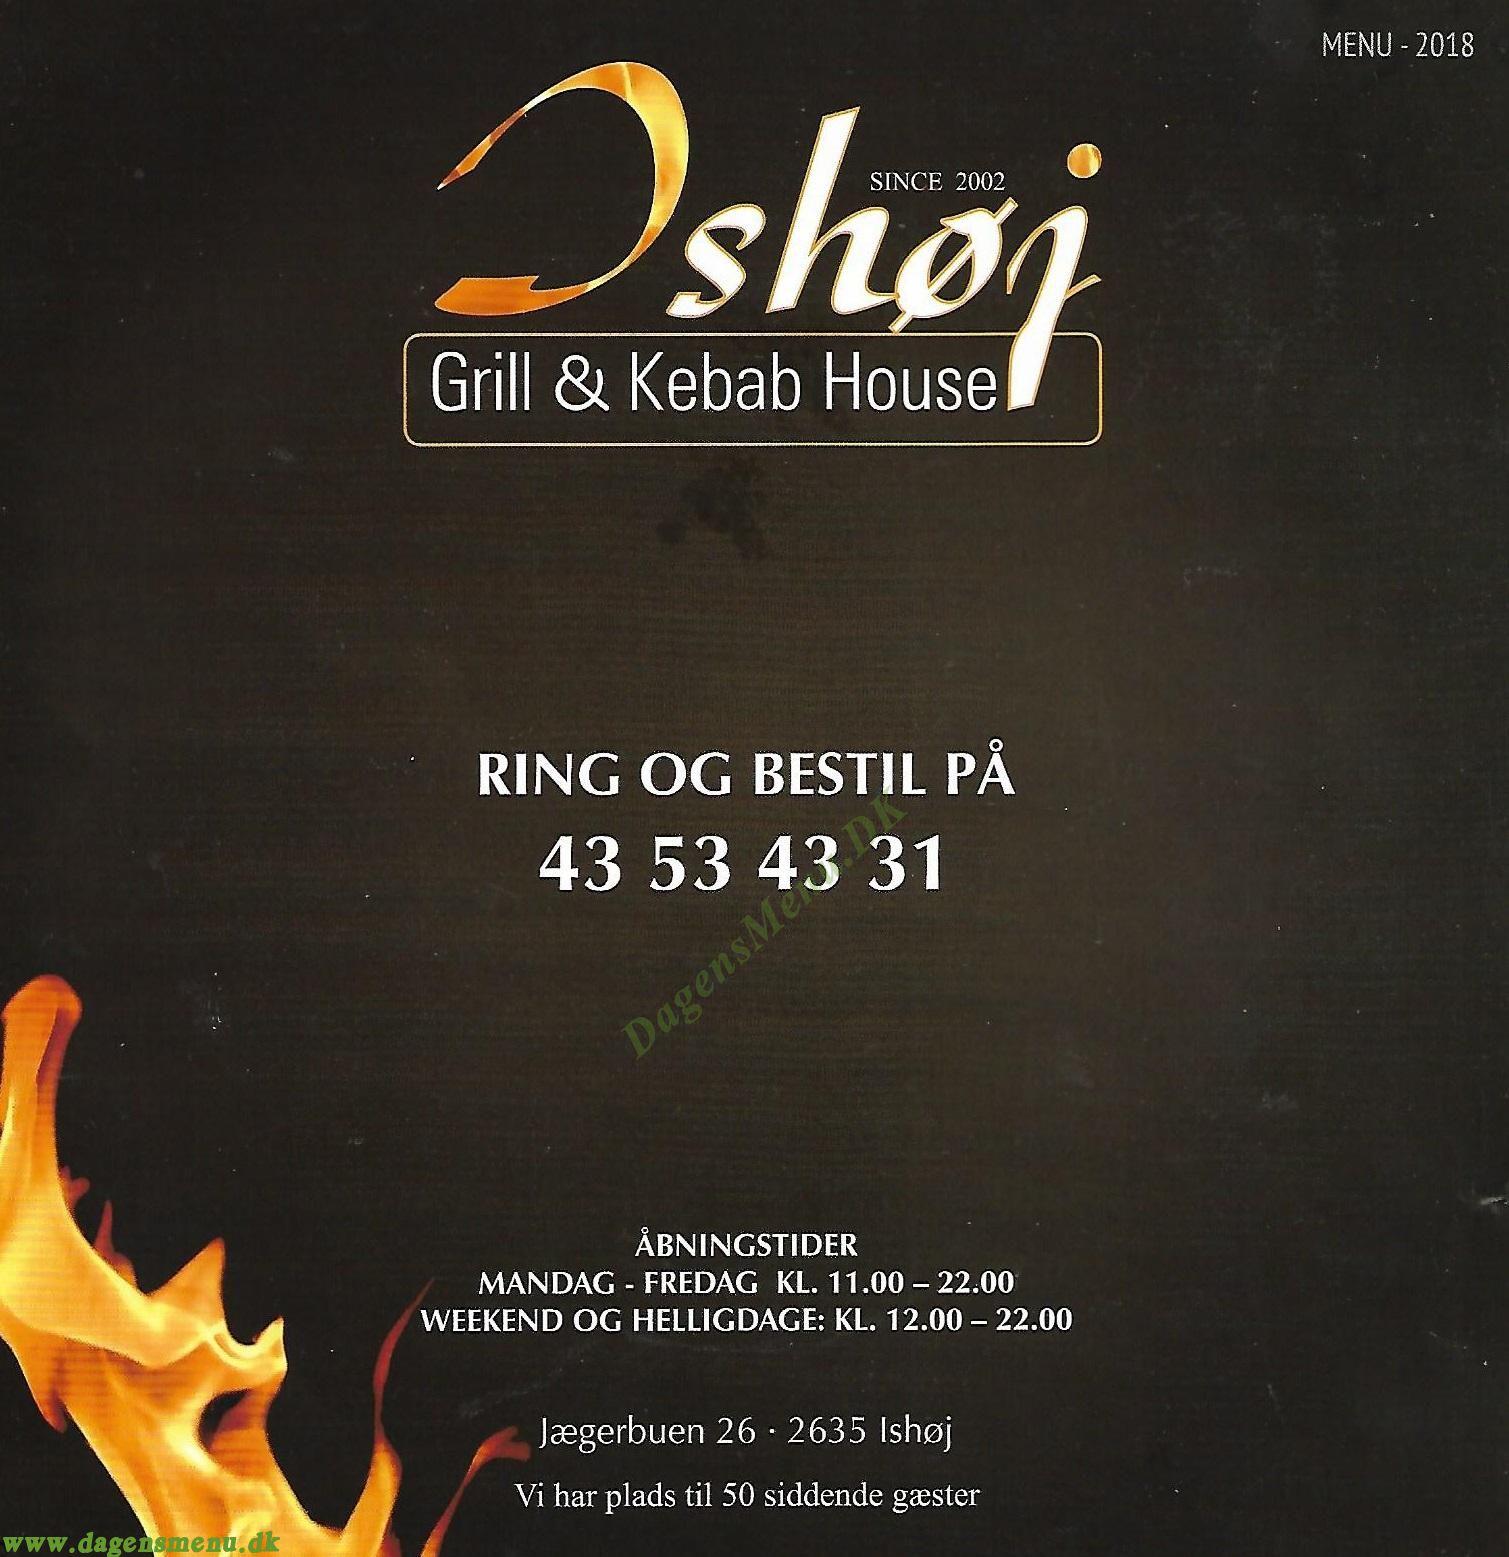 Ishøj Grill & Kebab House - Menukort